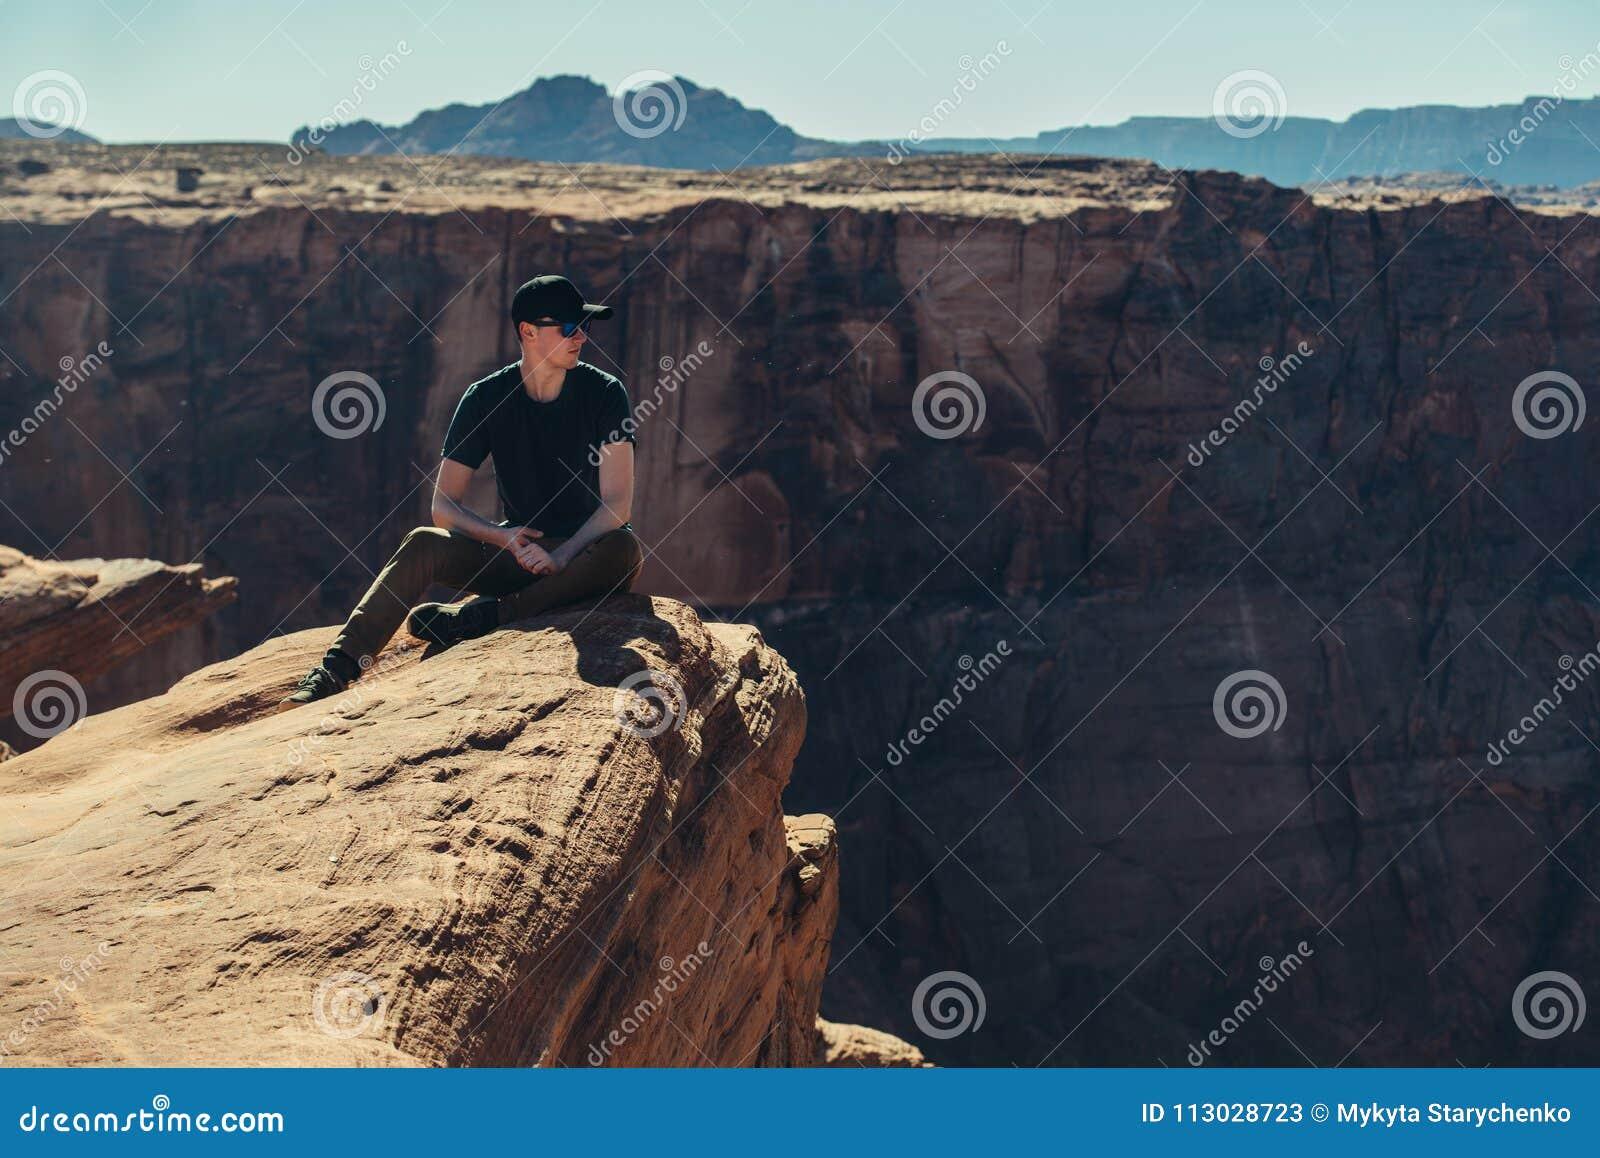 El hombre turístico que se sienta en la roca del borde del acantilado de la montaña y disfruta de la visión después de caminar en